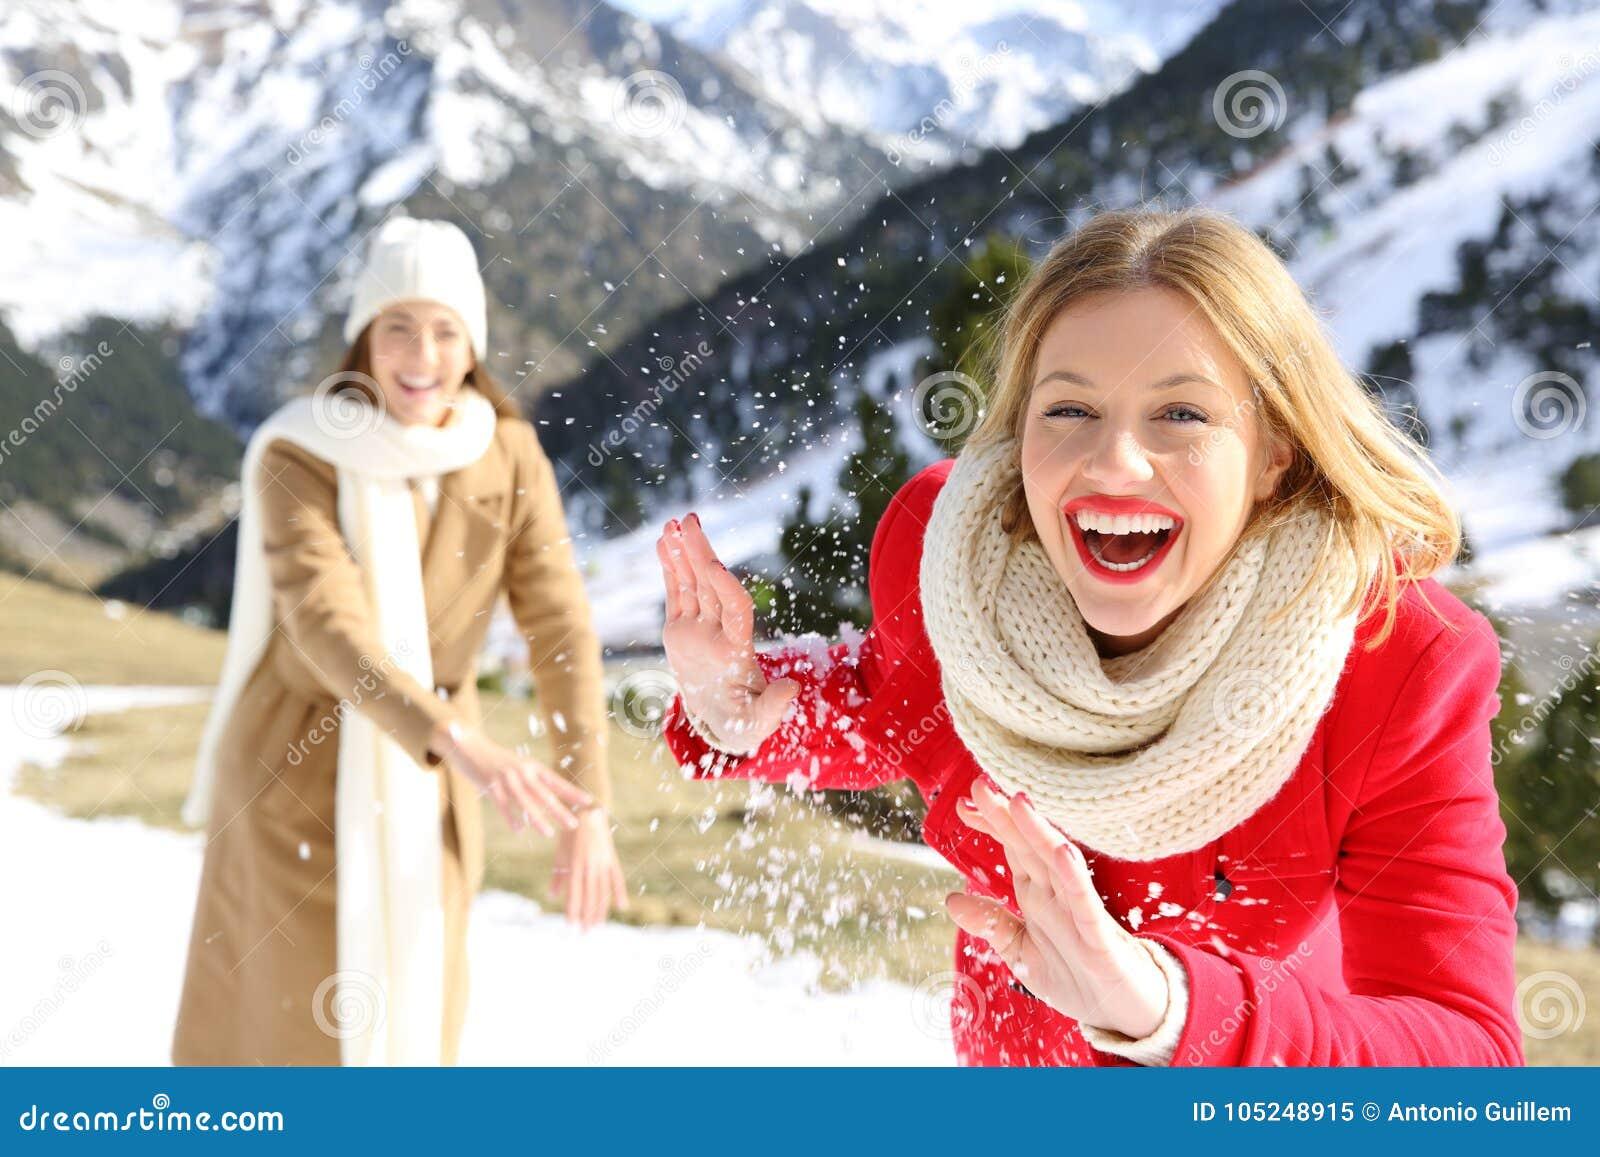 Amigos que lanzan bolas de nieve en una montaña nevosa en invierno